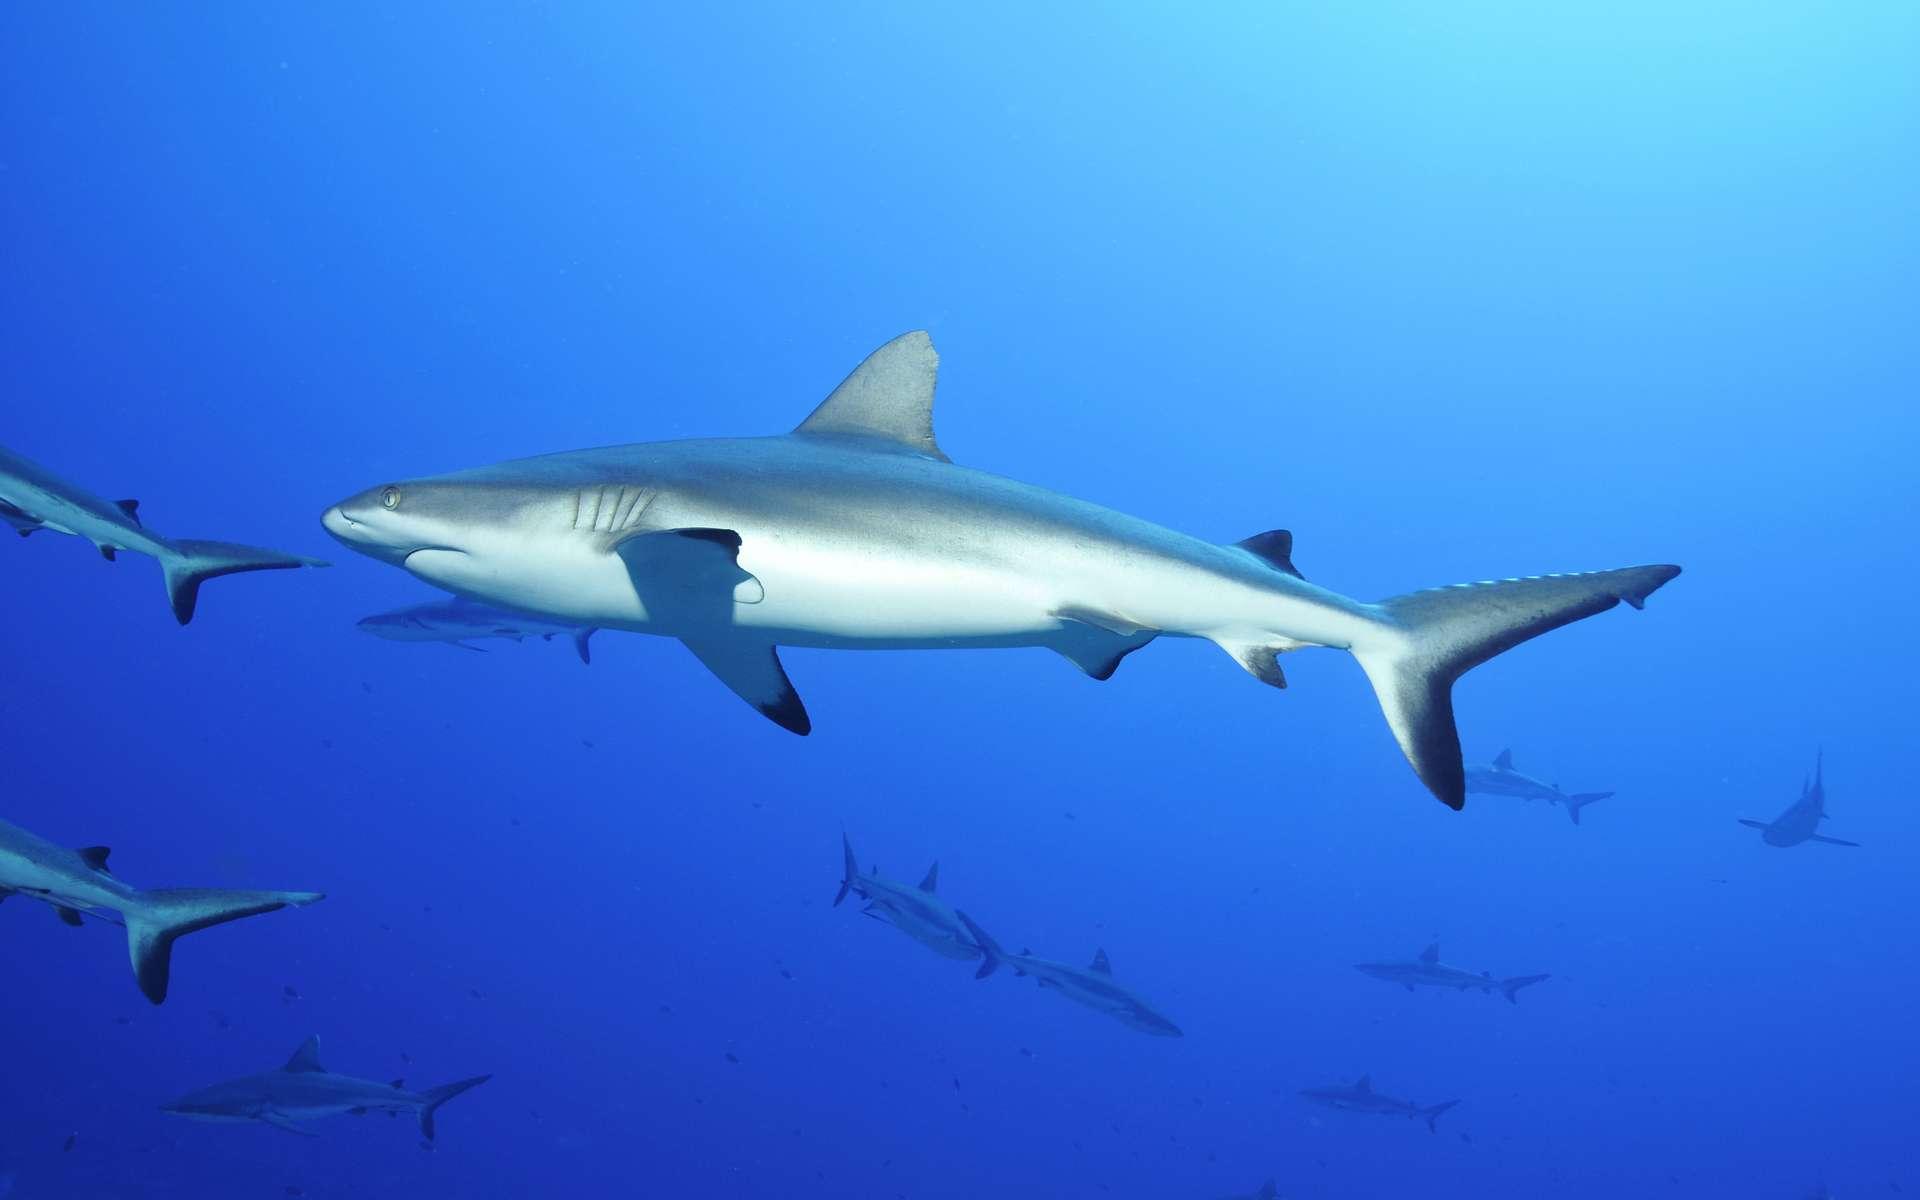 Les cinq cents requins gris de récif nagent paisiblement dans la passe de Fakarava. © dieter76, Adobe Stock